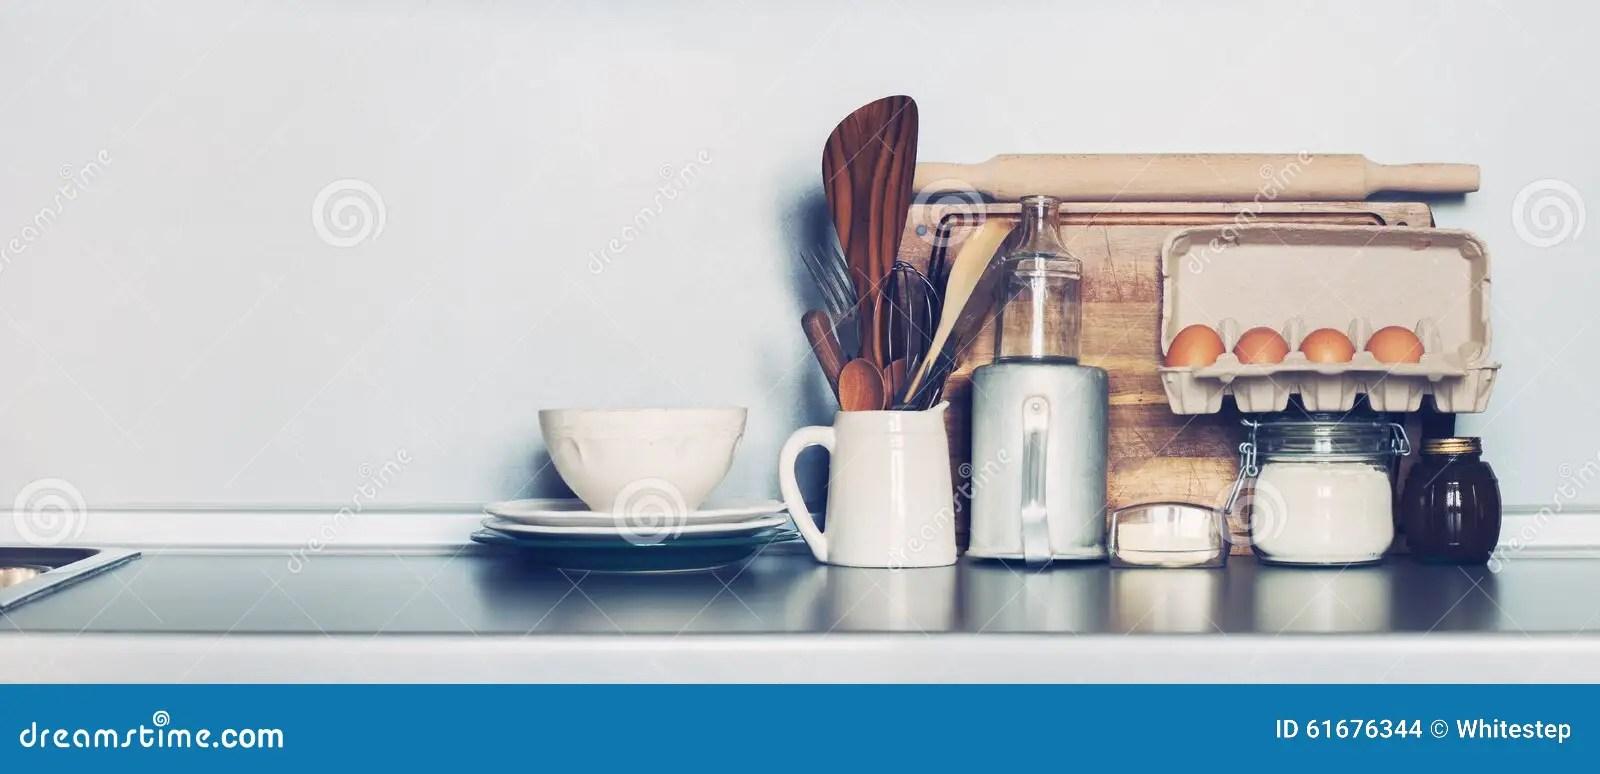 kitchen accent table cleaning wood cabinets 厨房盘 表商品 杂货和另外材料在桌面复制空间库存照片 图片包括有舒适 厨房土气盘 新鲜的杂货和其他另外材料在灰色背景与拷贝空间的被定调子的图象